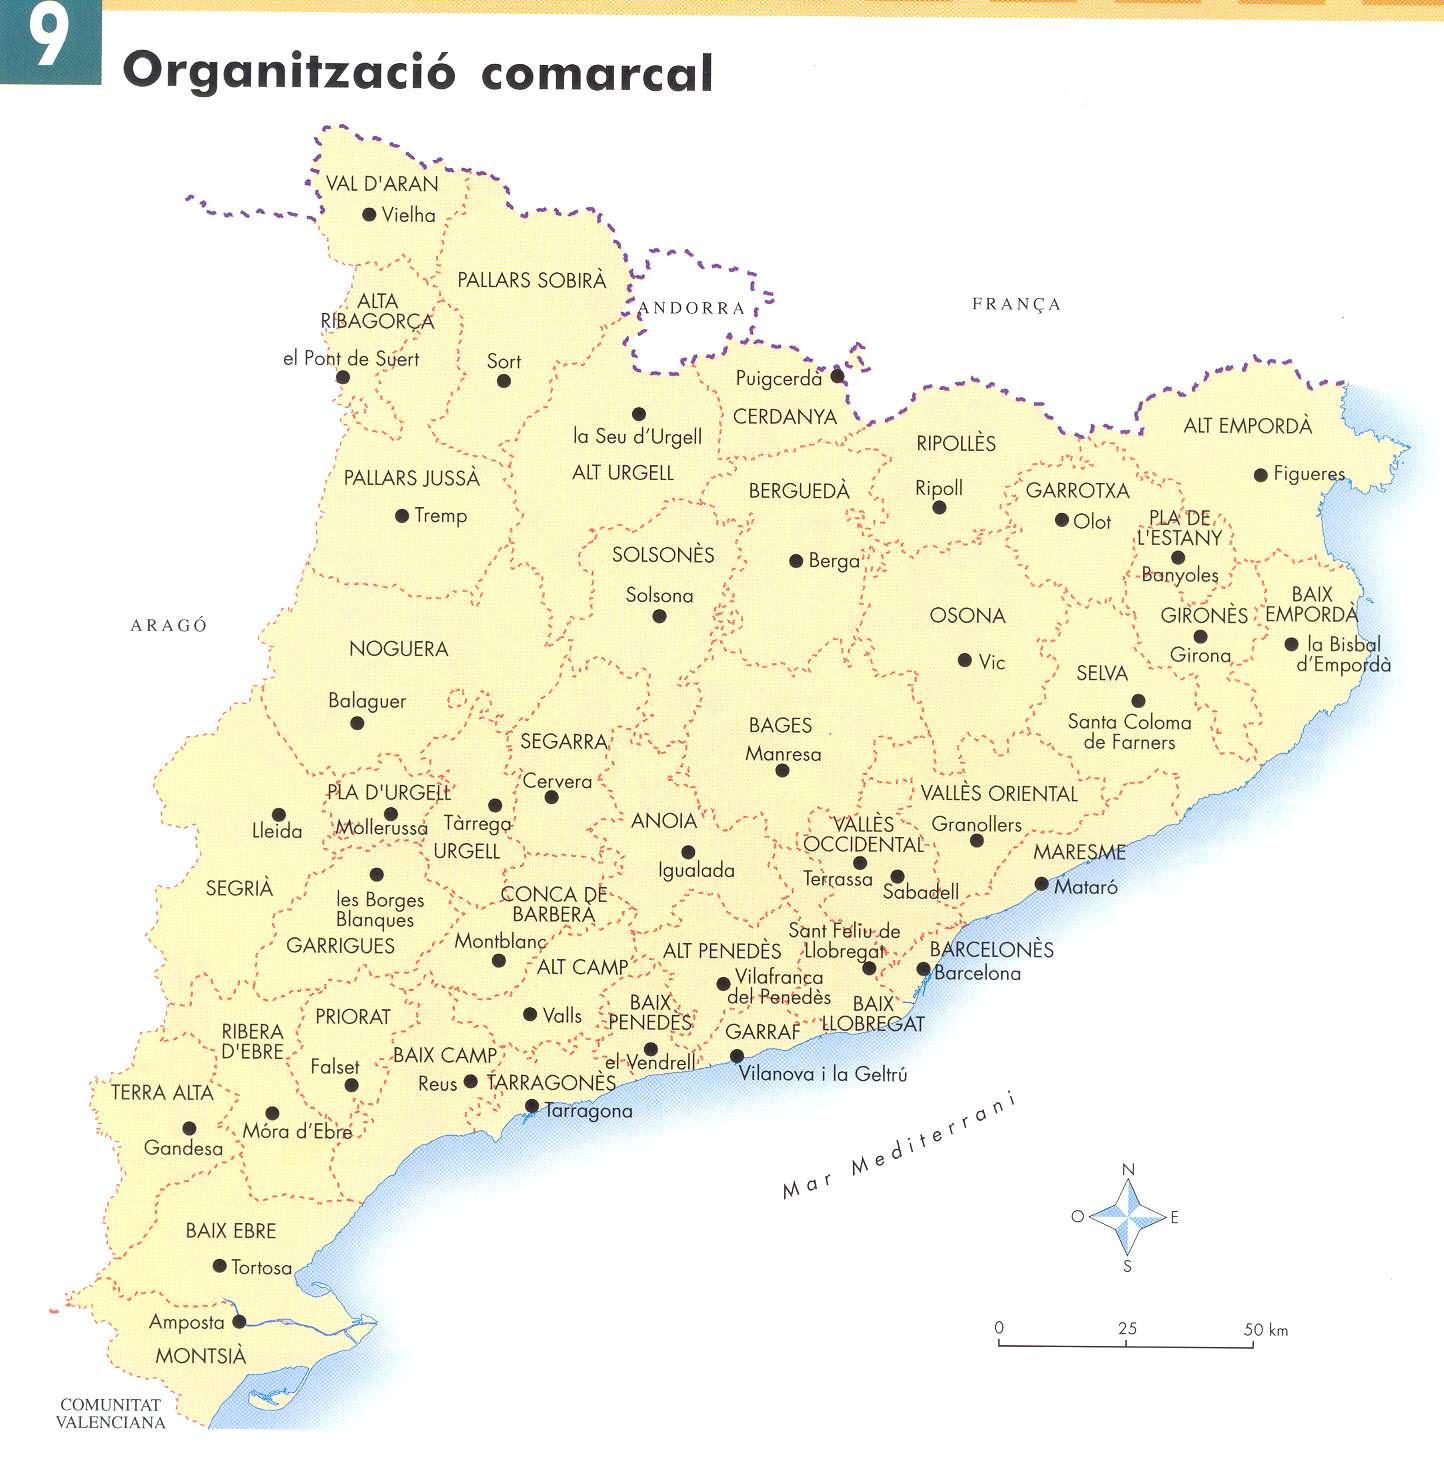 Mapa De Les Comarques De Catalunya I Capitals.Mapa Catalunya Comarques I Capitals Mapa